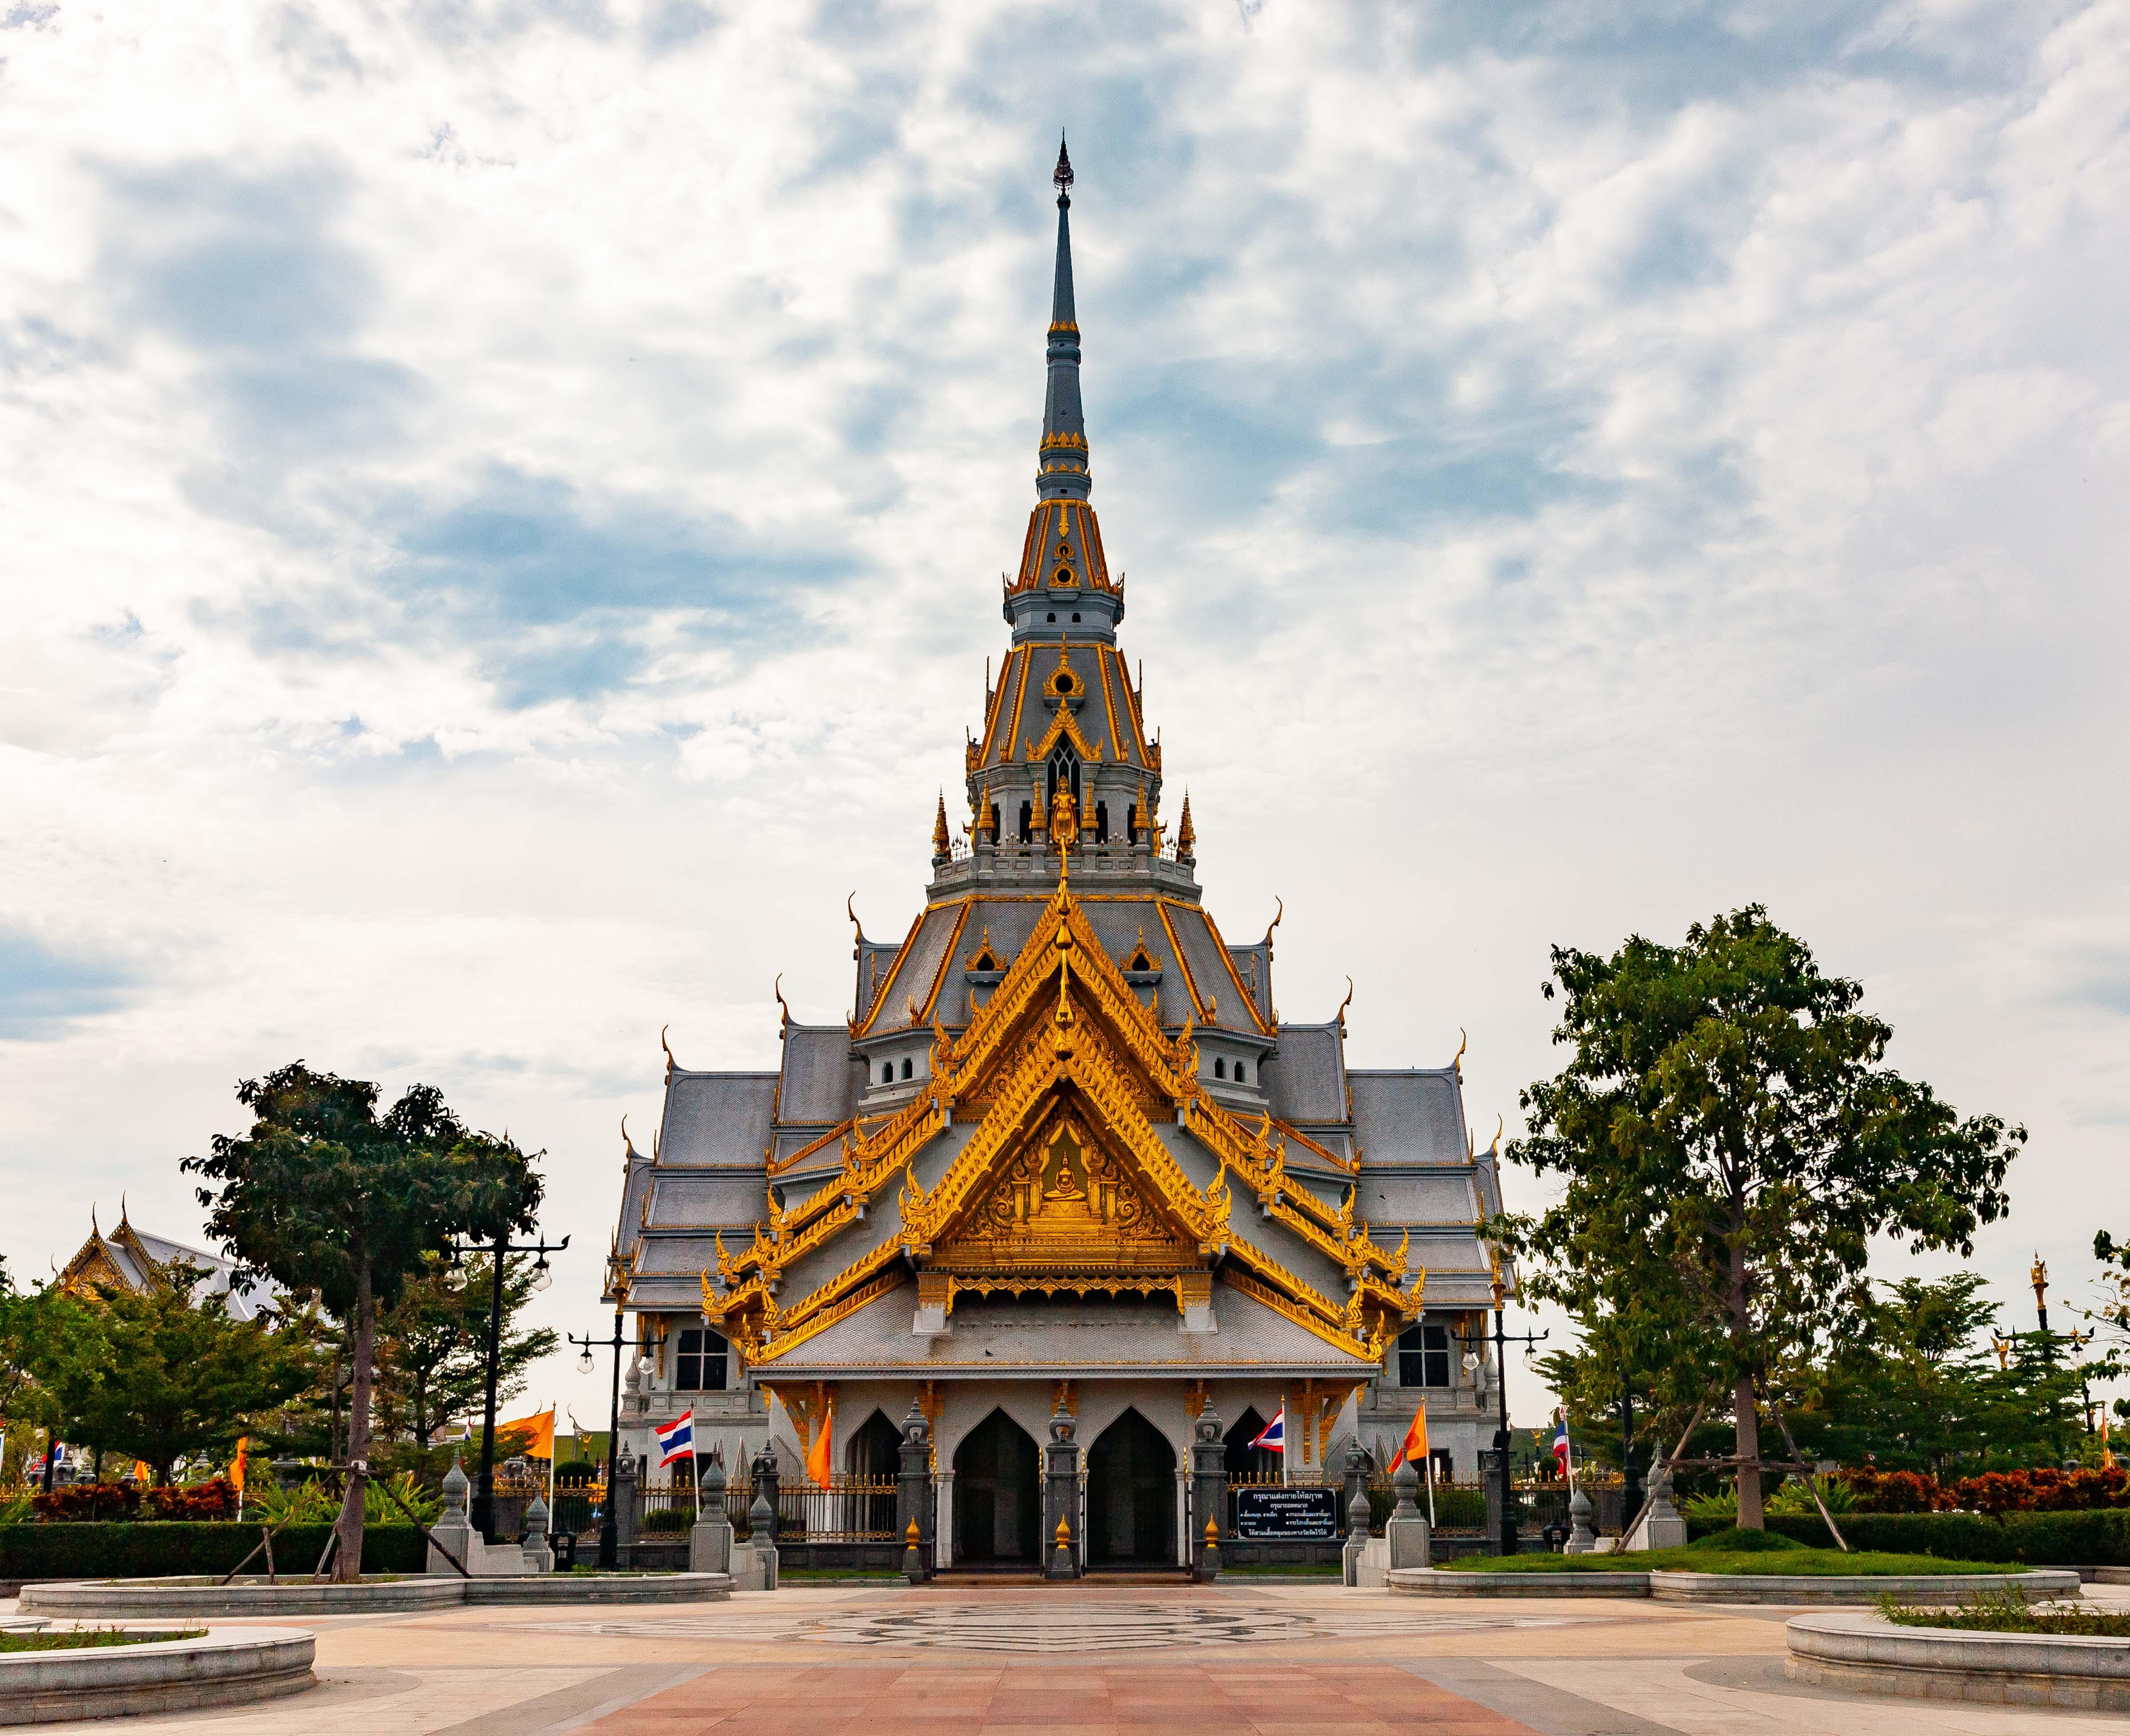 Thailand, Samut Sakon Prov, Temple, 2008, IMG 2859